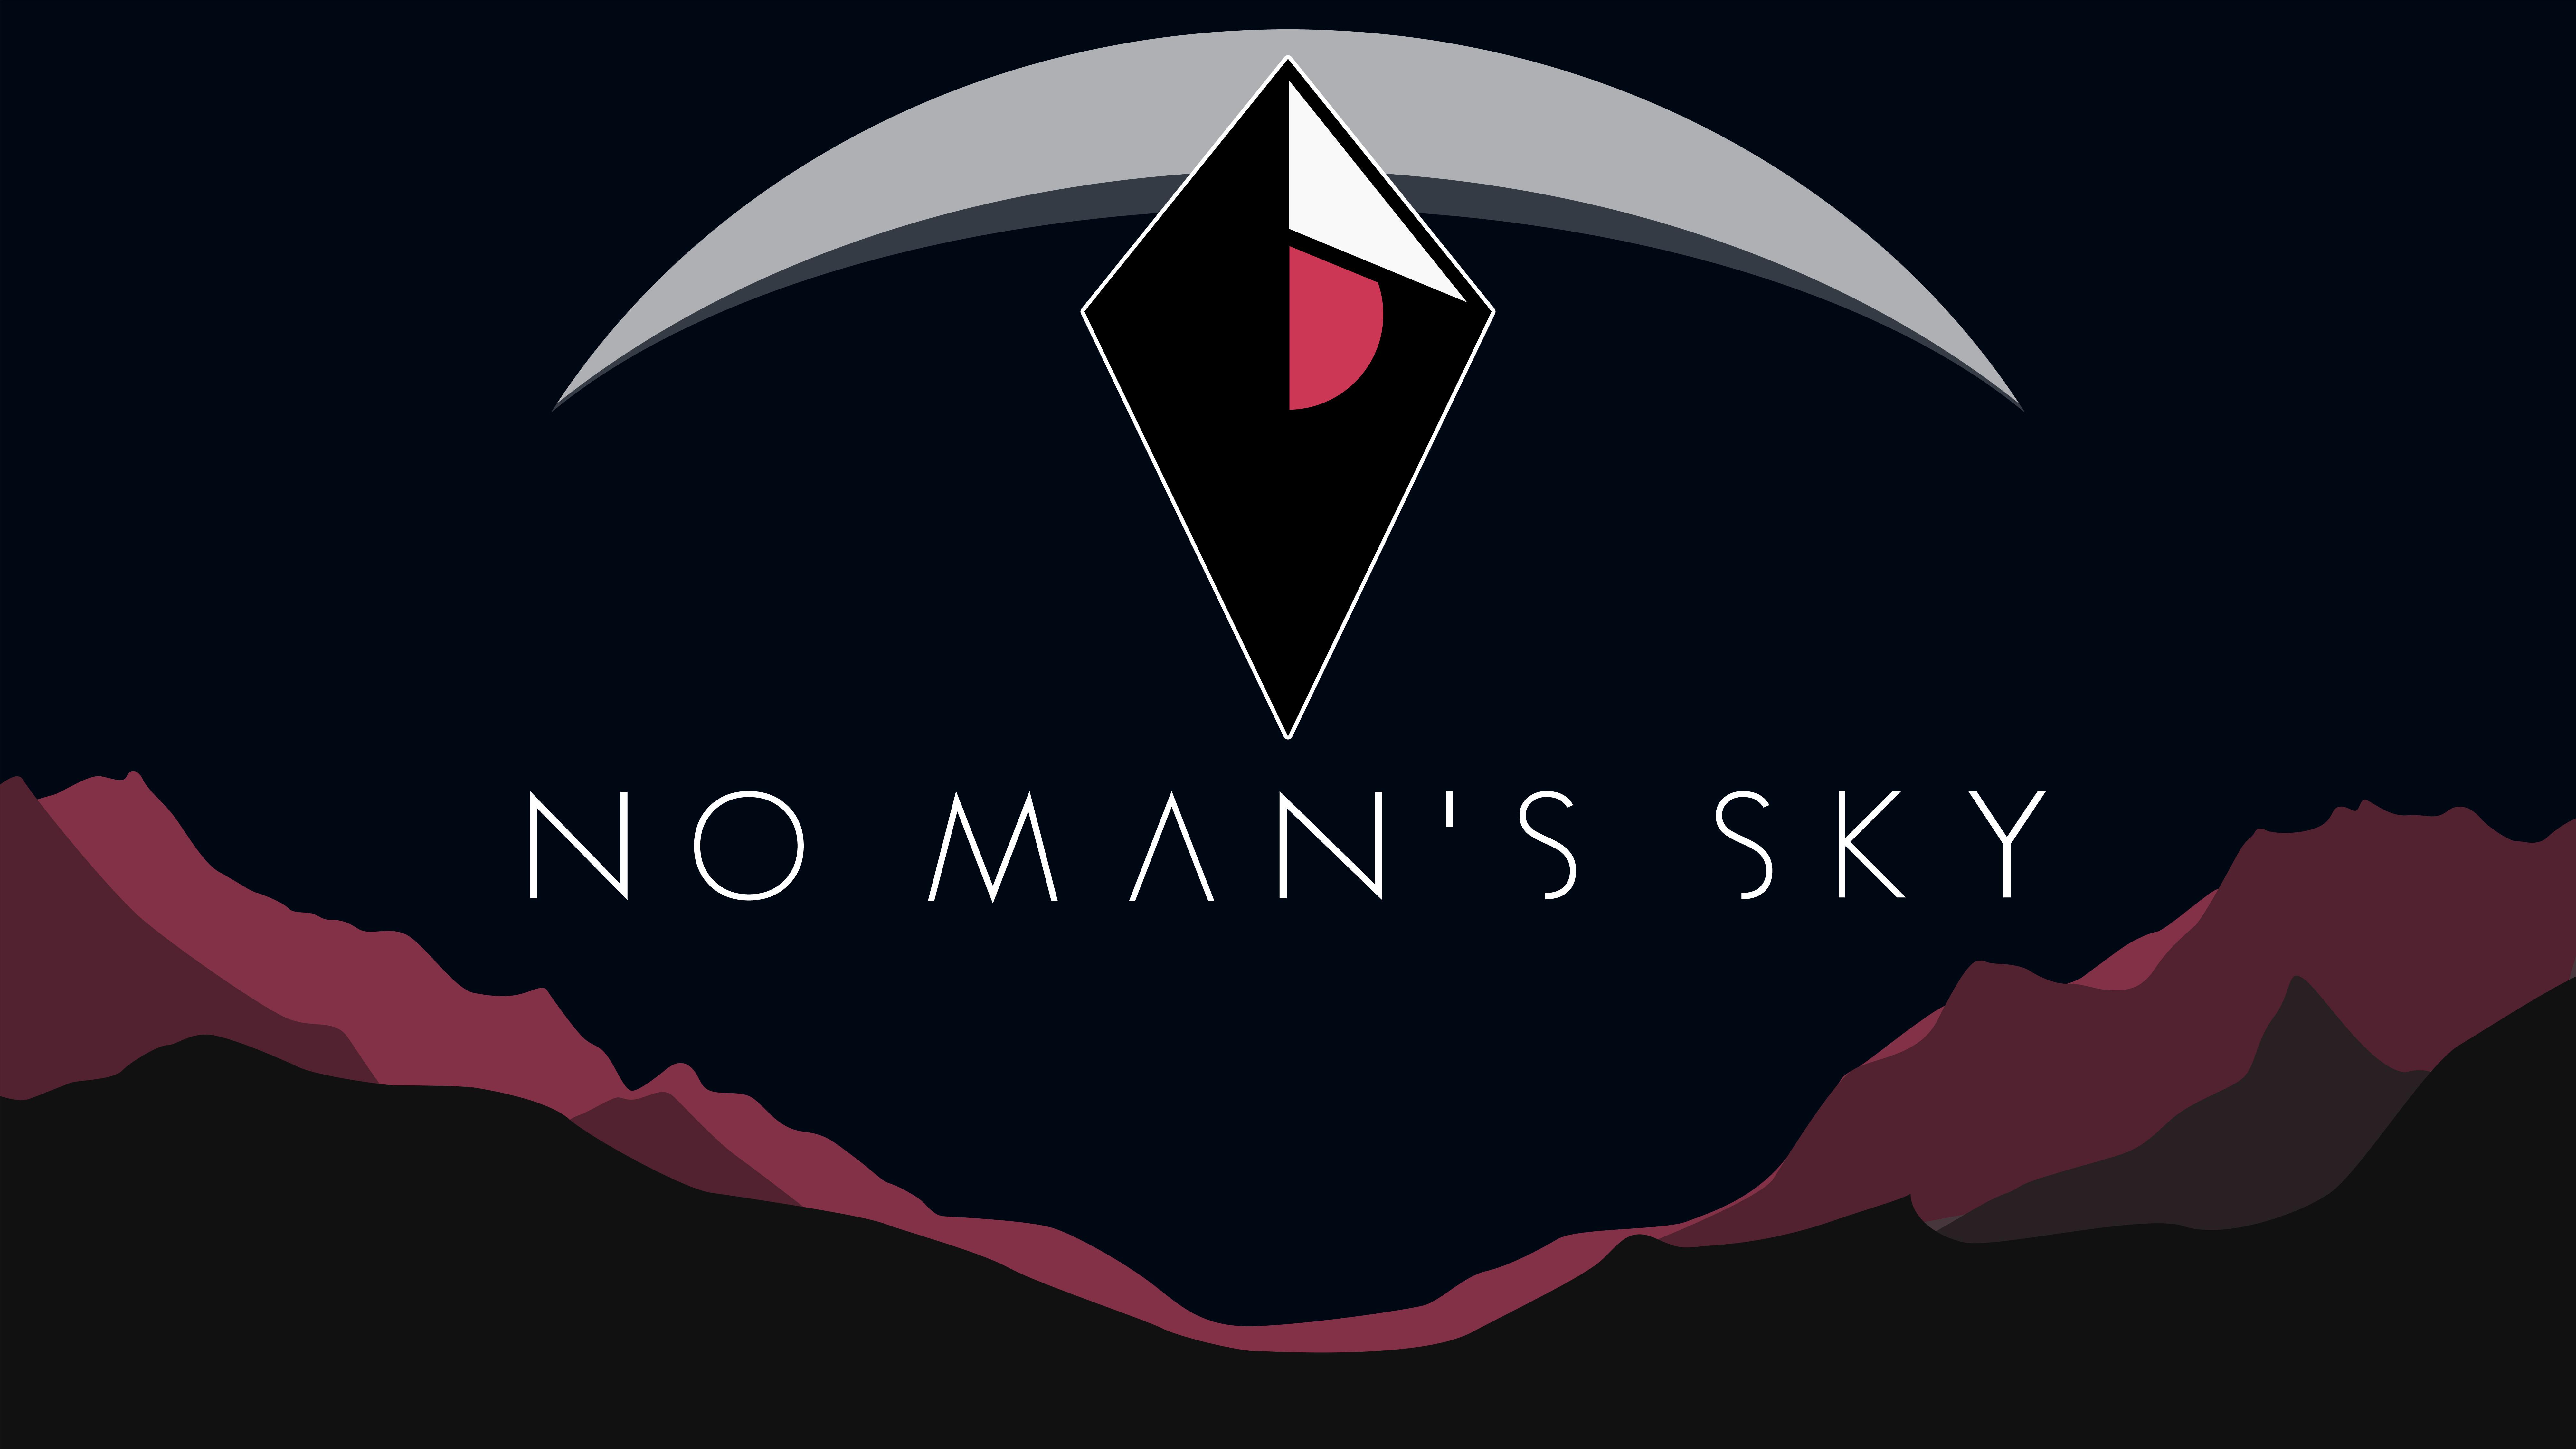 No Man S Sky 4k Wallpaper: No Man's Sky Wallpaper 8000x4500